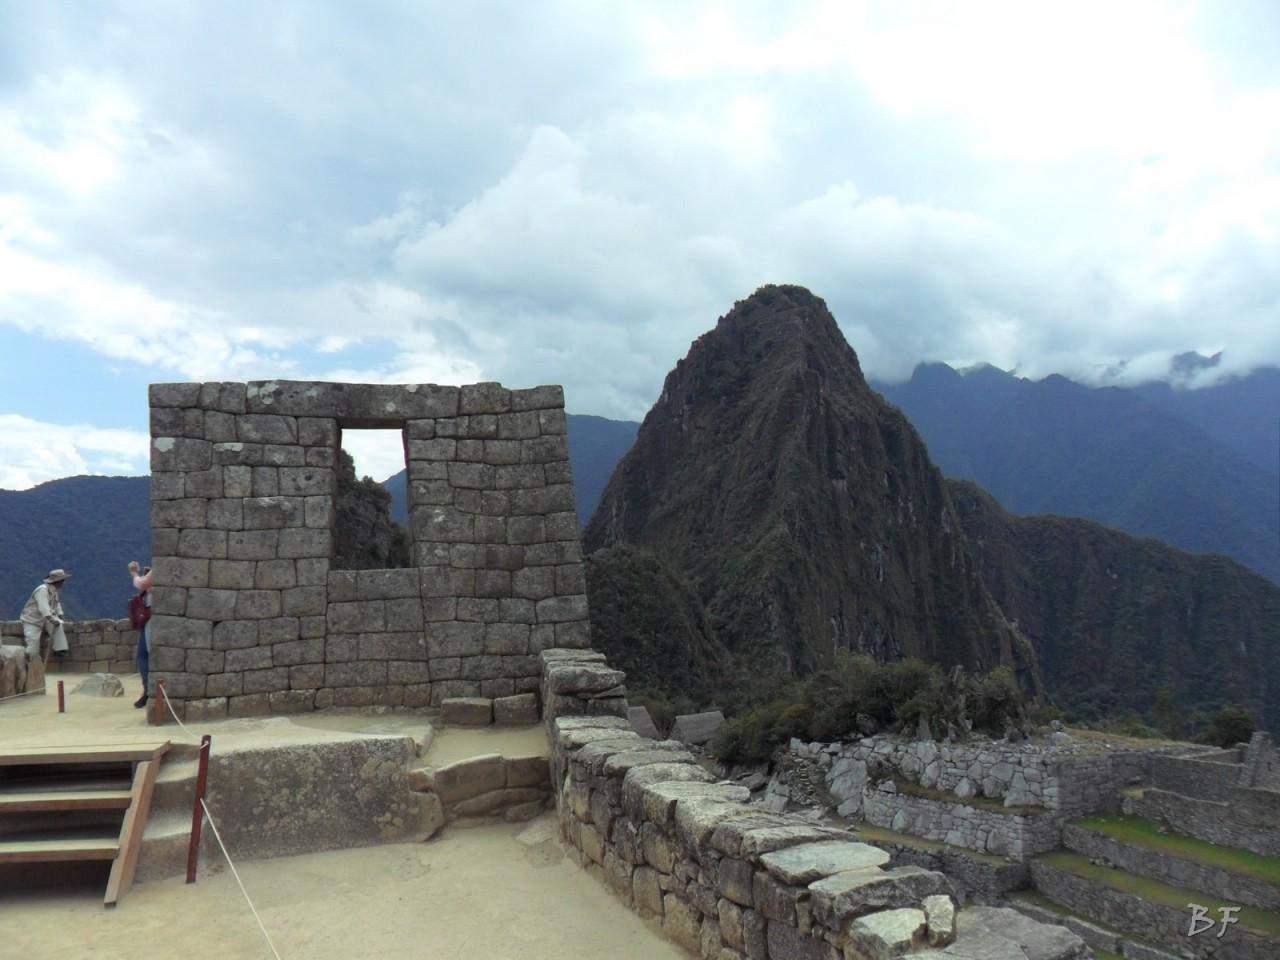 Mura-Poligonali-Incisioni-Altari-Edifici-Rupestri-Megaliti-Machu-Picchu-Aguas-Calientes-Urubamba-Cusco-Perù-119